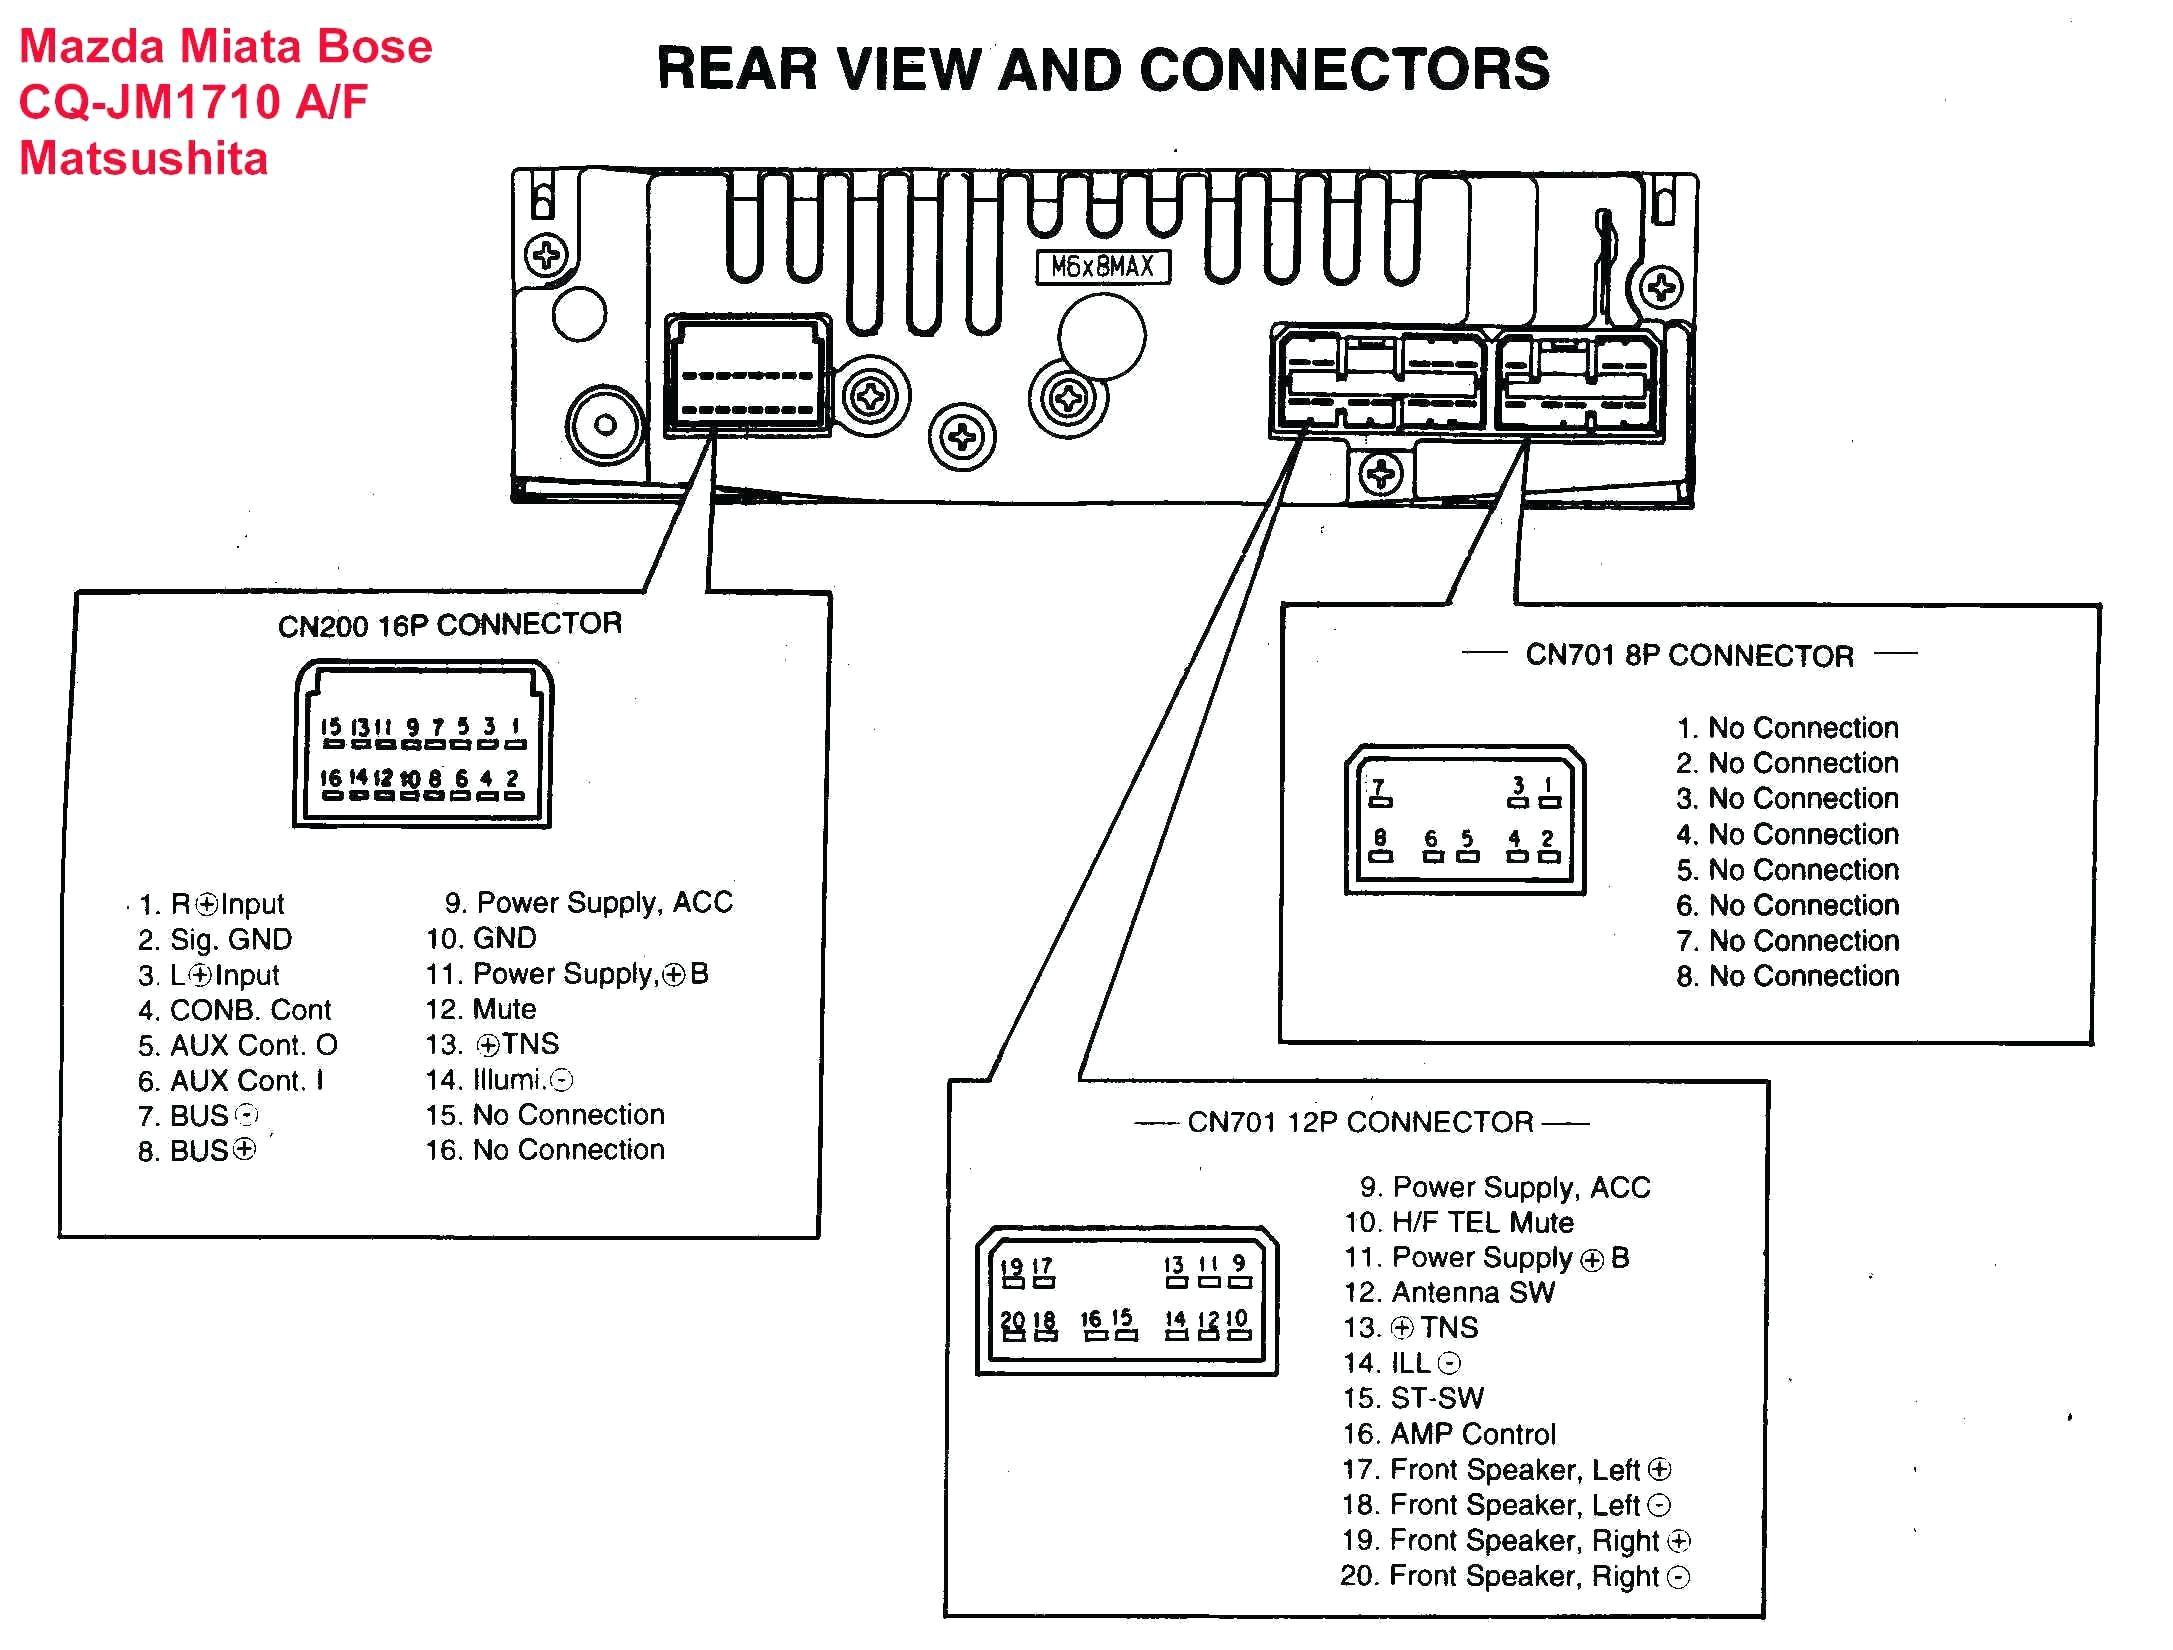 bose car stereo wiring diagrams wiring diagram datasourcenissan bose car stereo wiring wiring diagram datasource bose